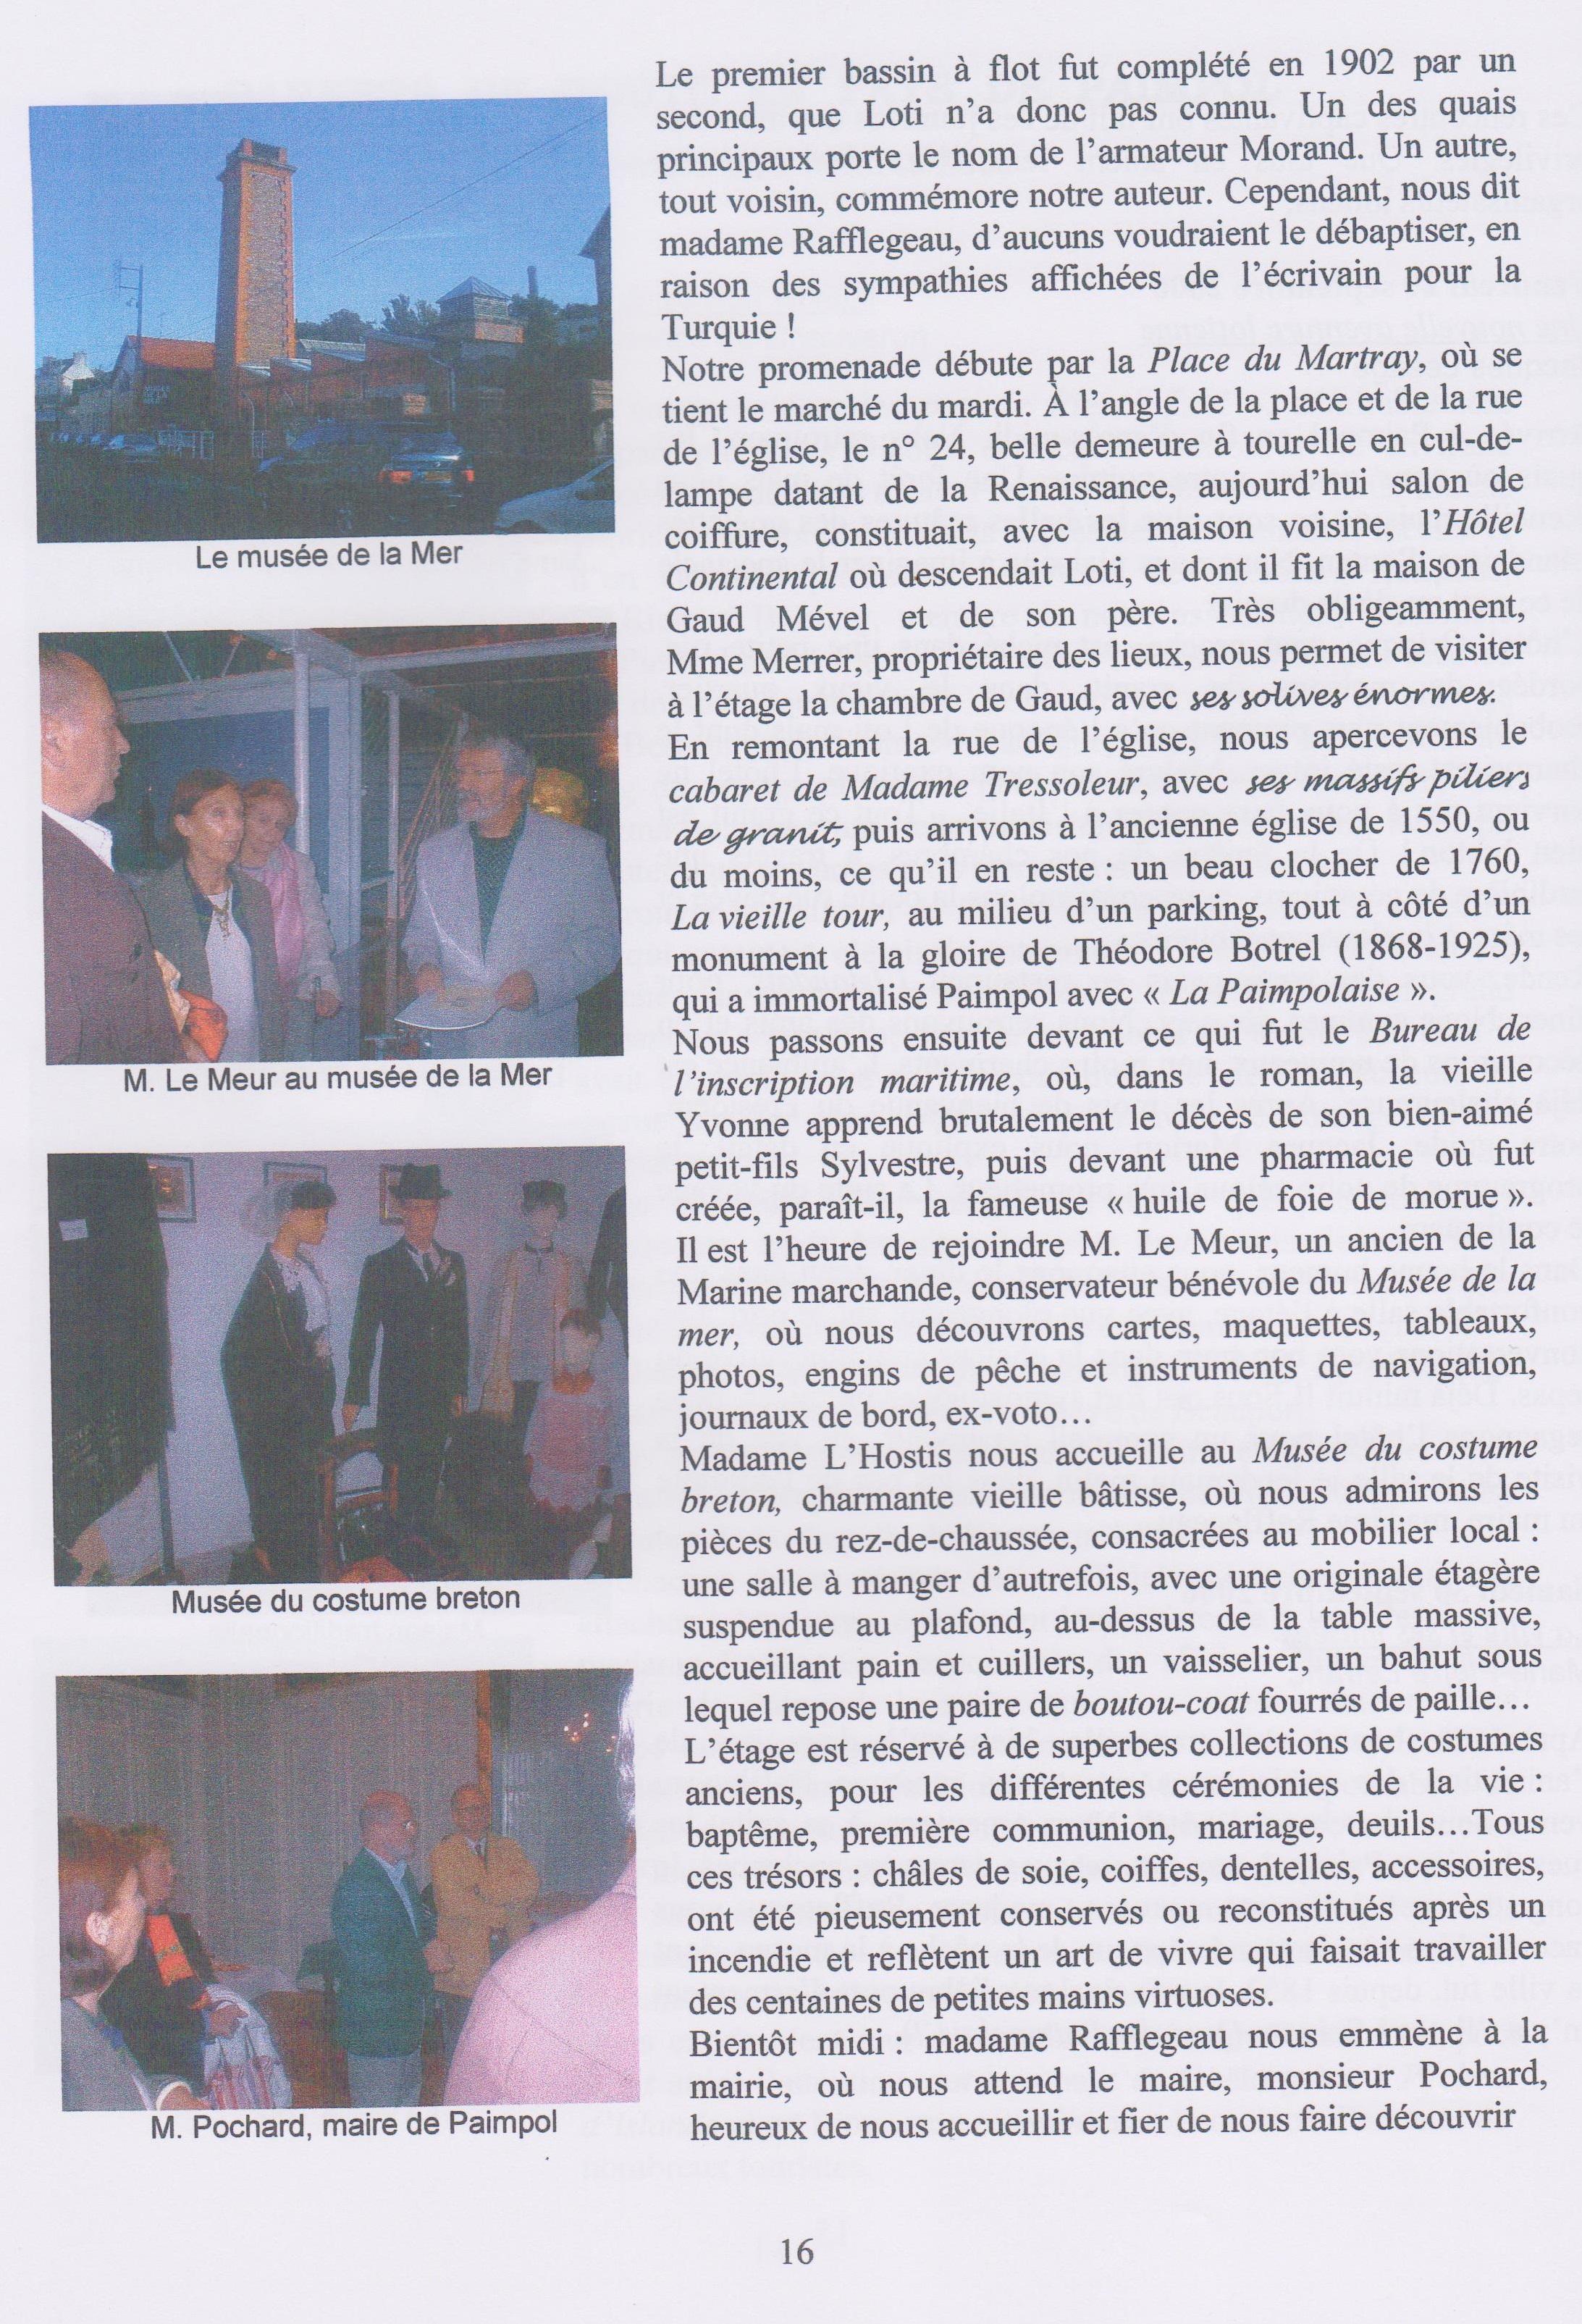 Voyage Paimpol 2006-page 16.jpeg